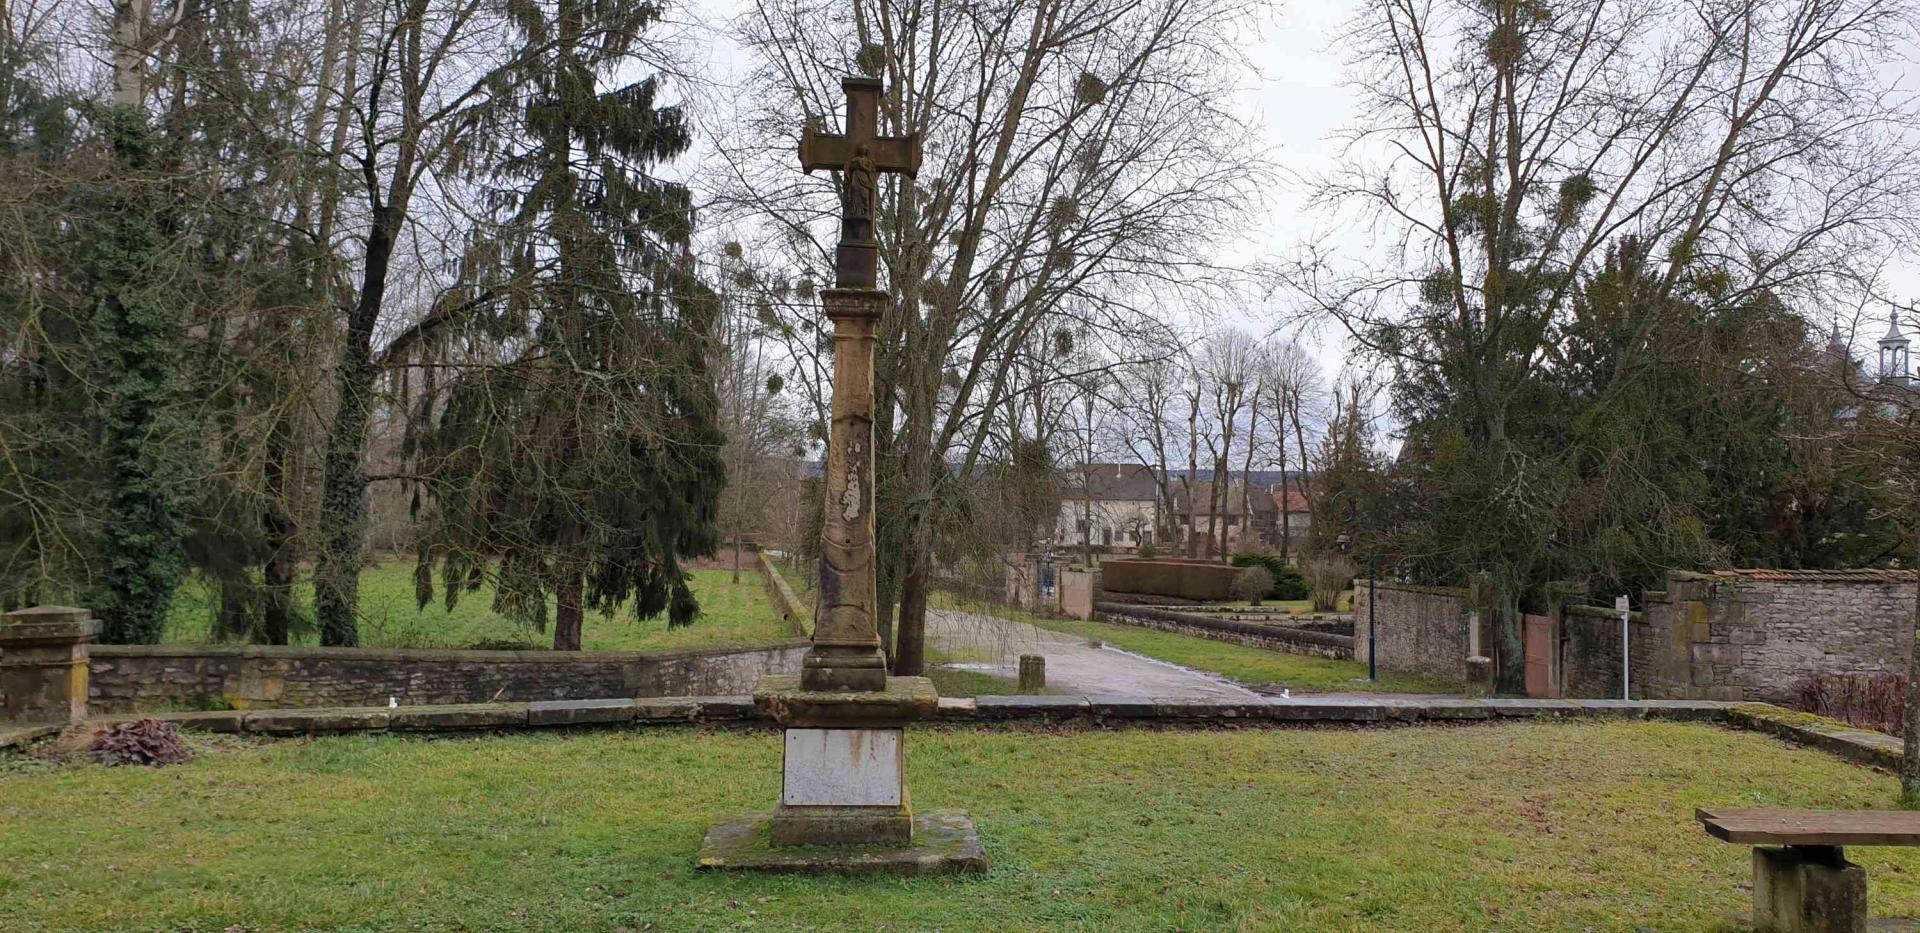 Croix de cimetiere 9